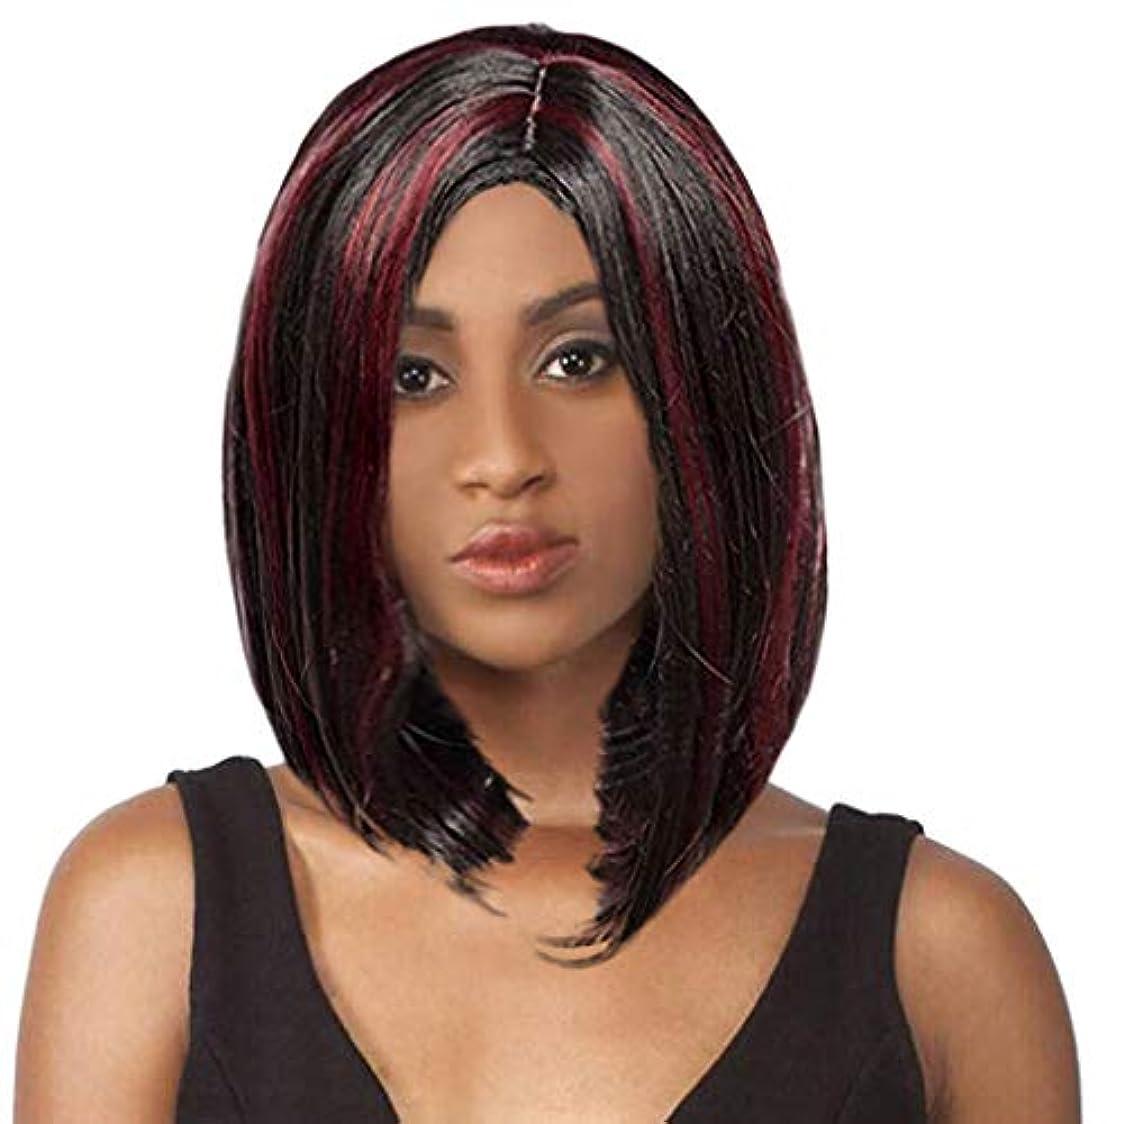 器用肉ペック女性の短いストレートヘアボブファッションかつら